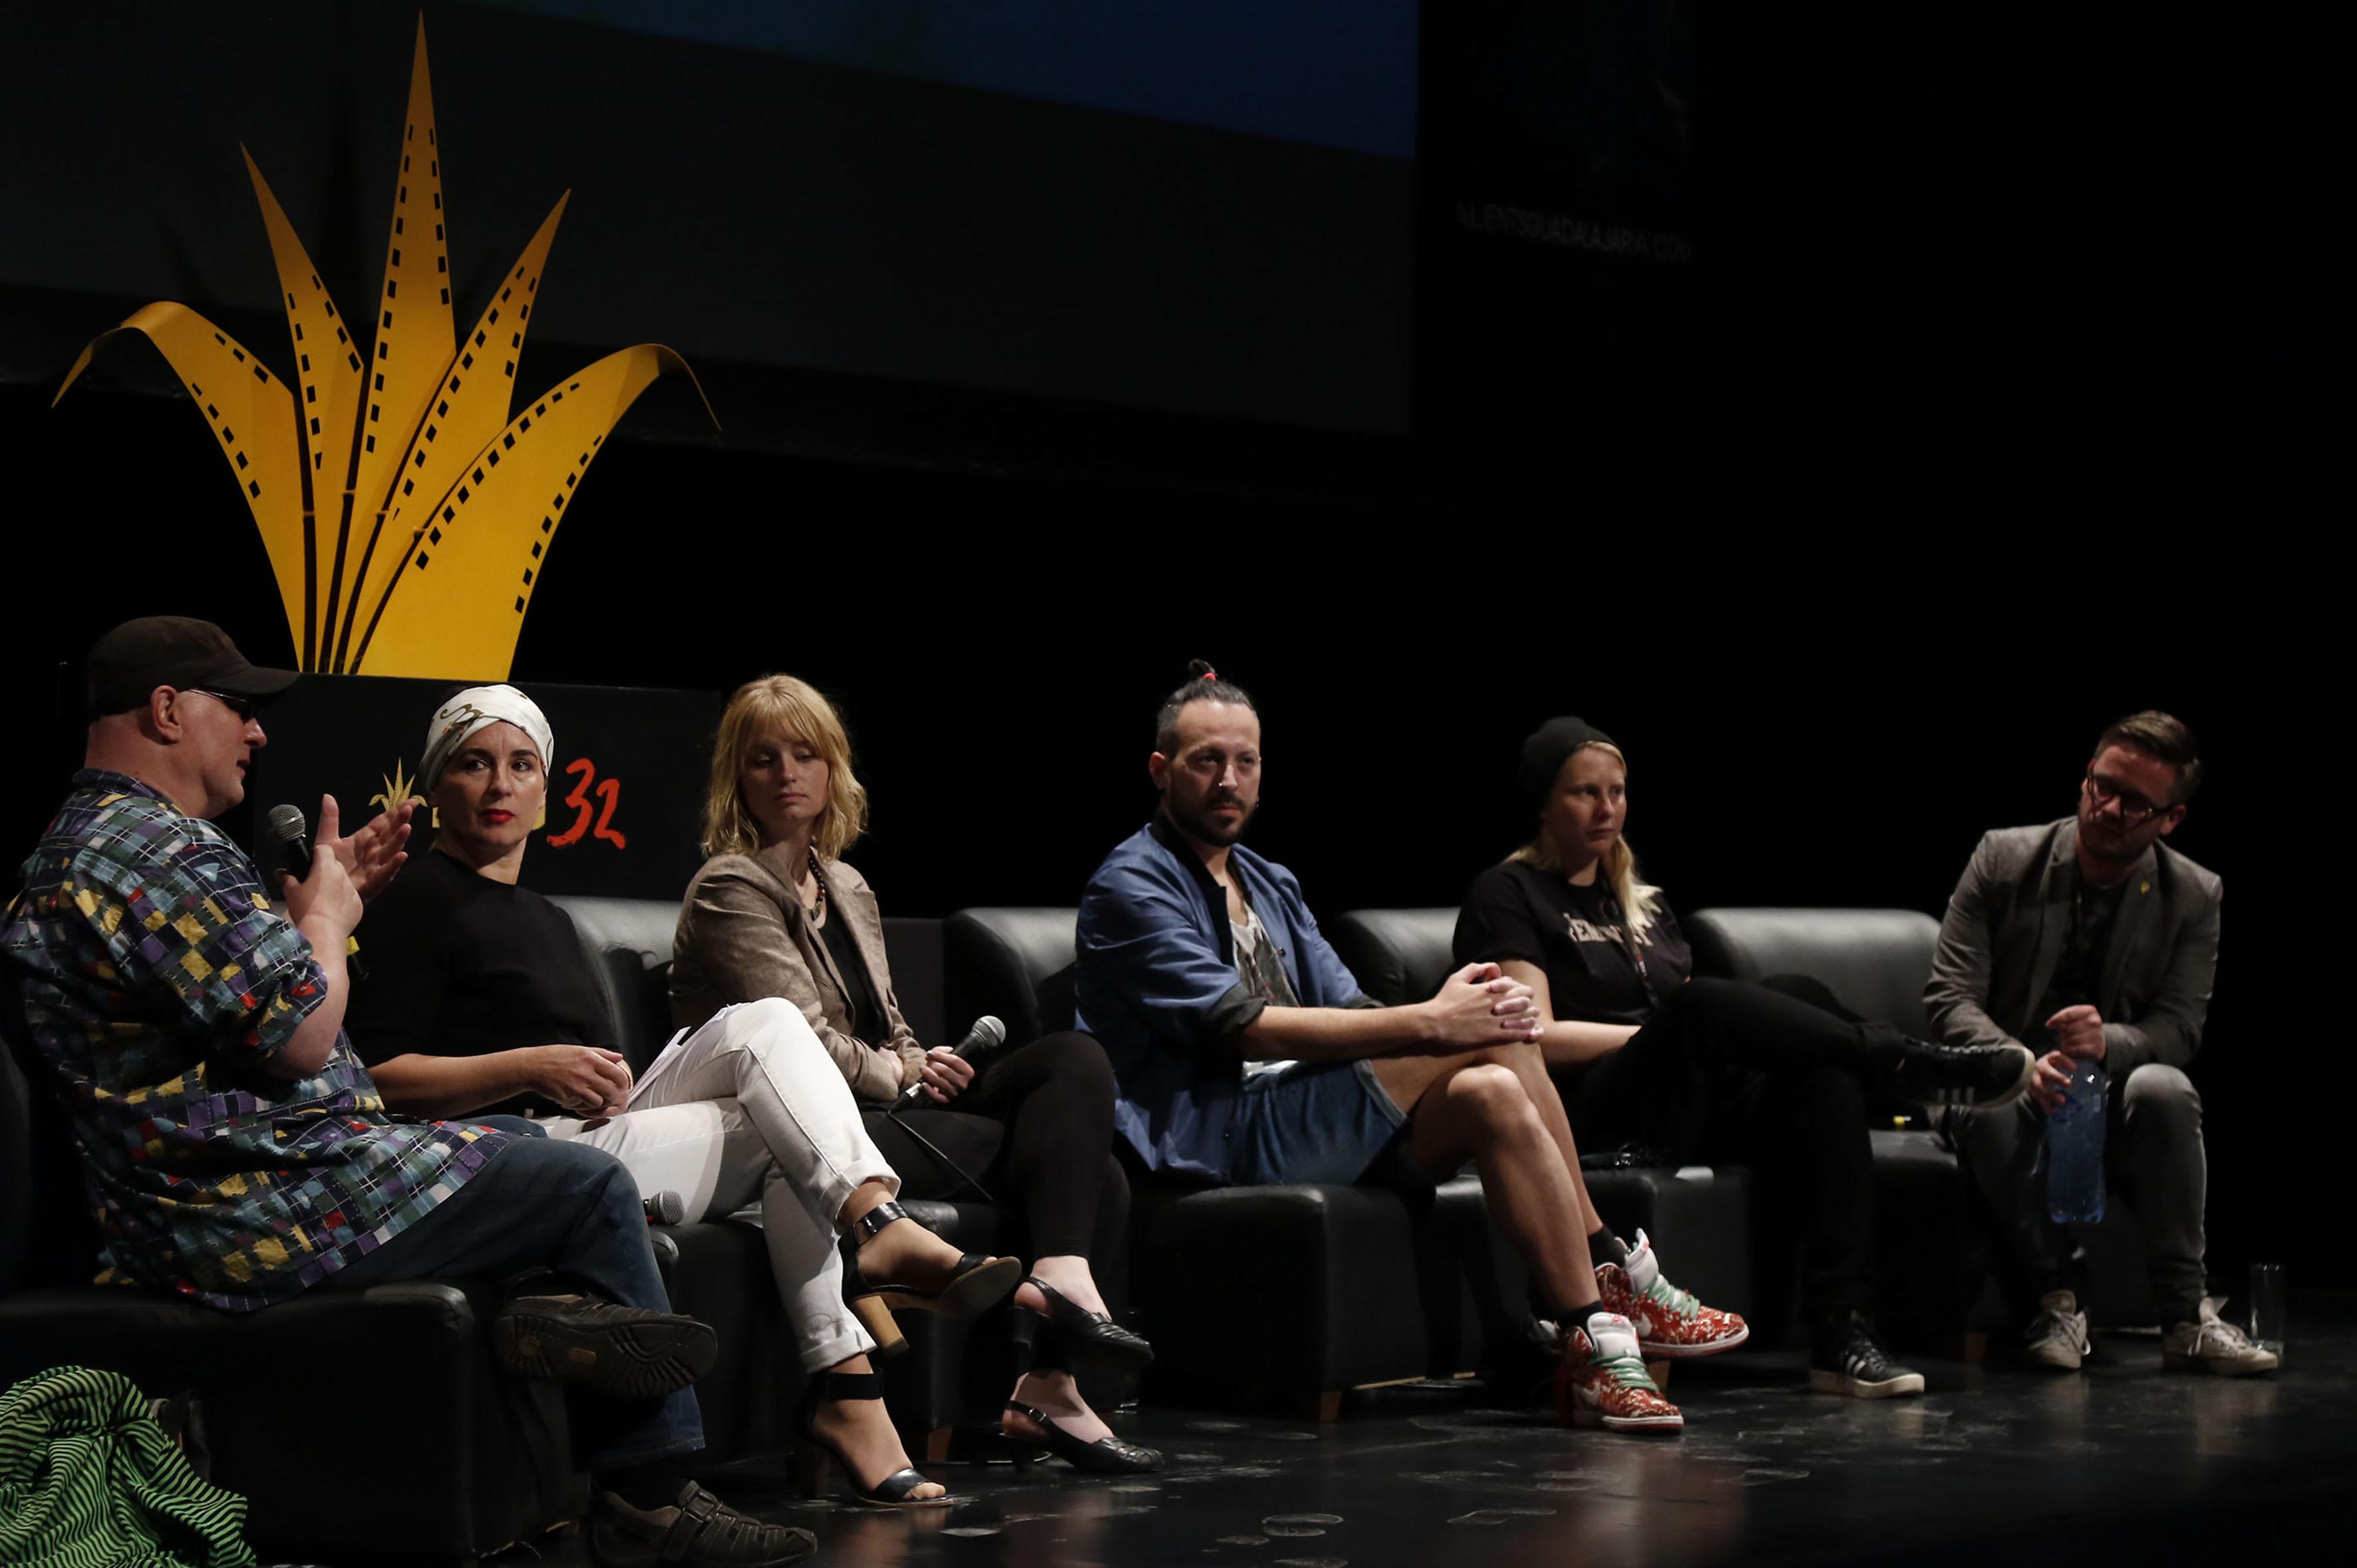 Productores y actores que han destacado en proyectos fílmicos y que han buscado legitimar y exponer las situaciones en torno a la diversidad sexual discutiendo en una mesa de diálogo sobre los retos que han vivido en sus respectivas carreras.